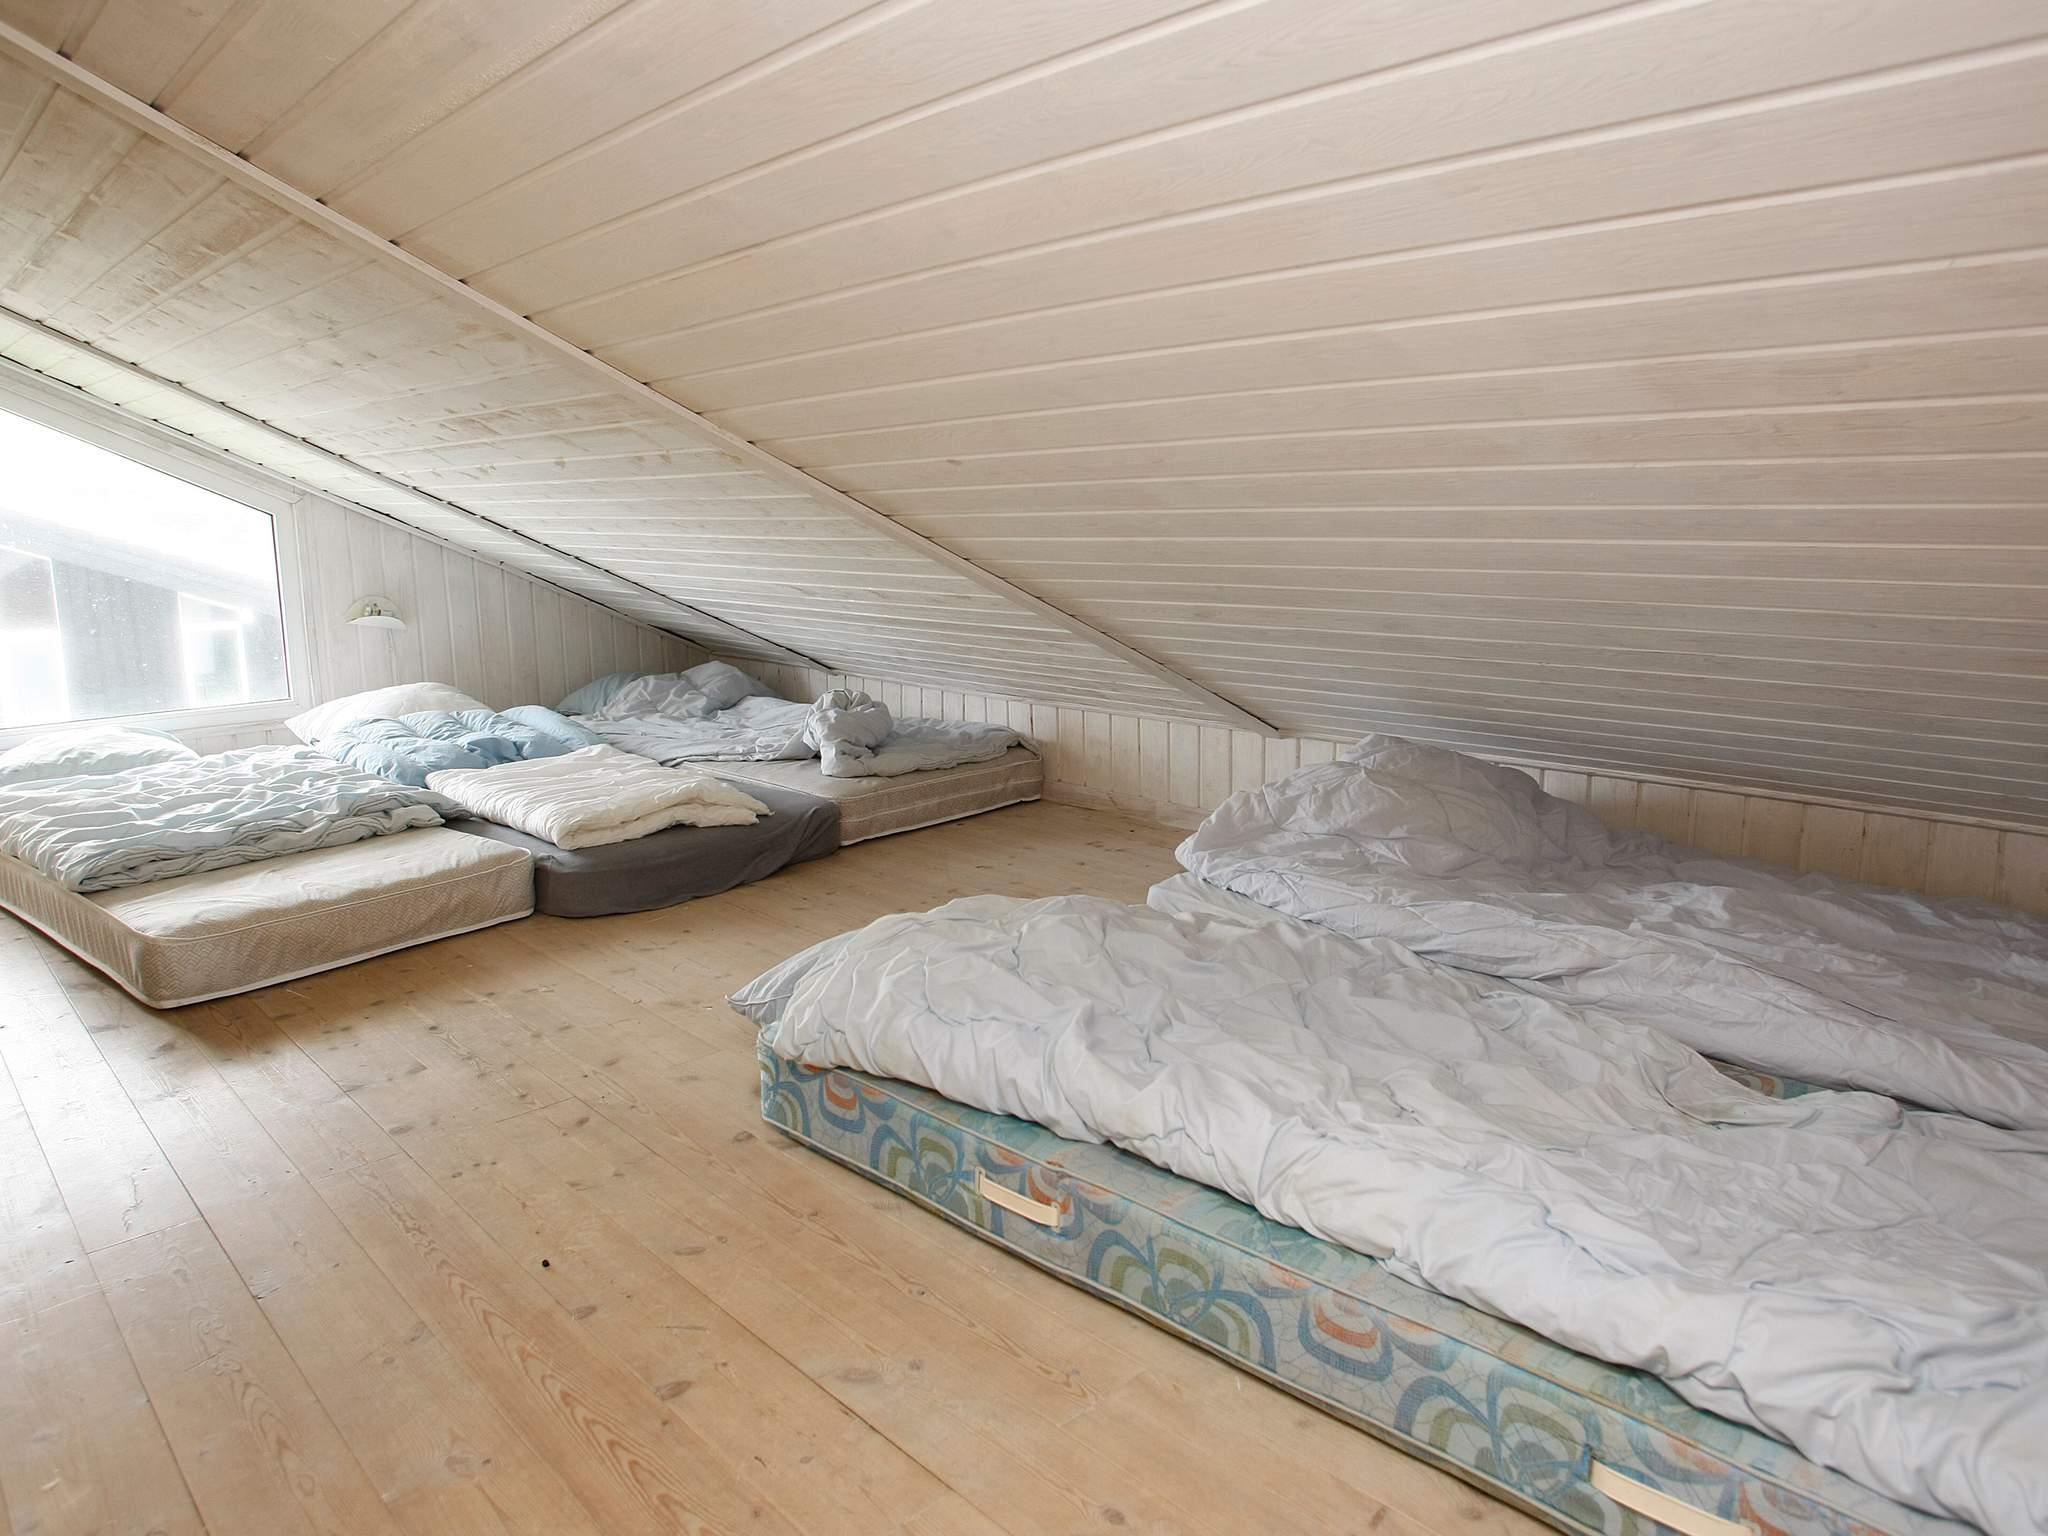 Ferienhaus Trend (81953), Løgstør, , Limfjord, Dänemark, Bild 10